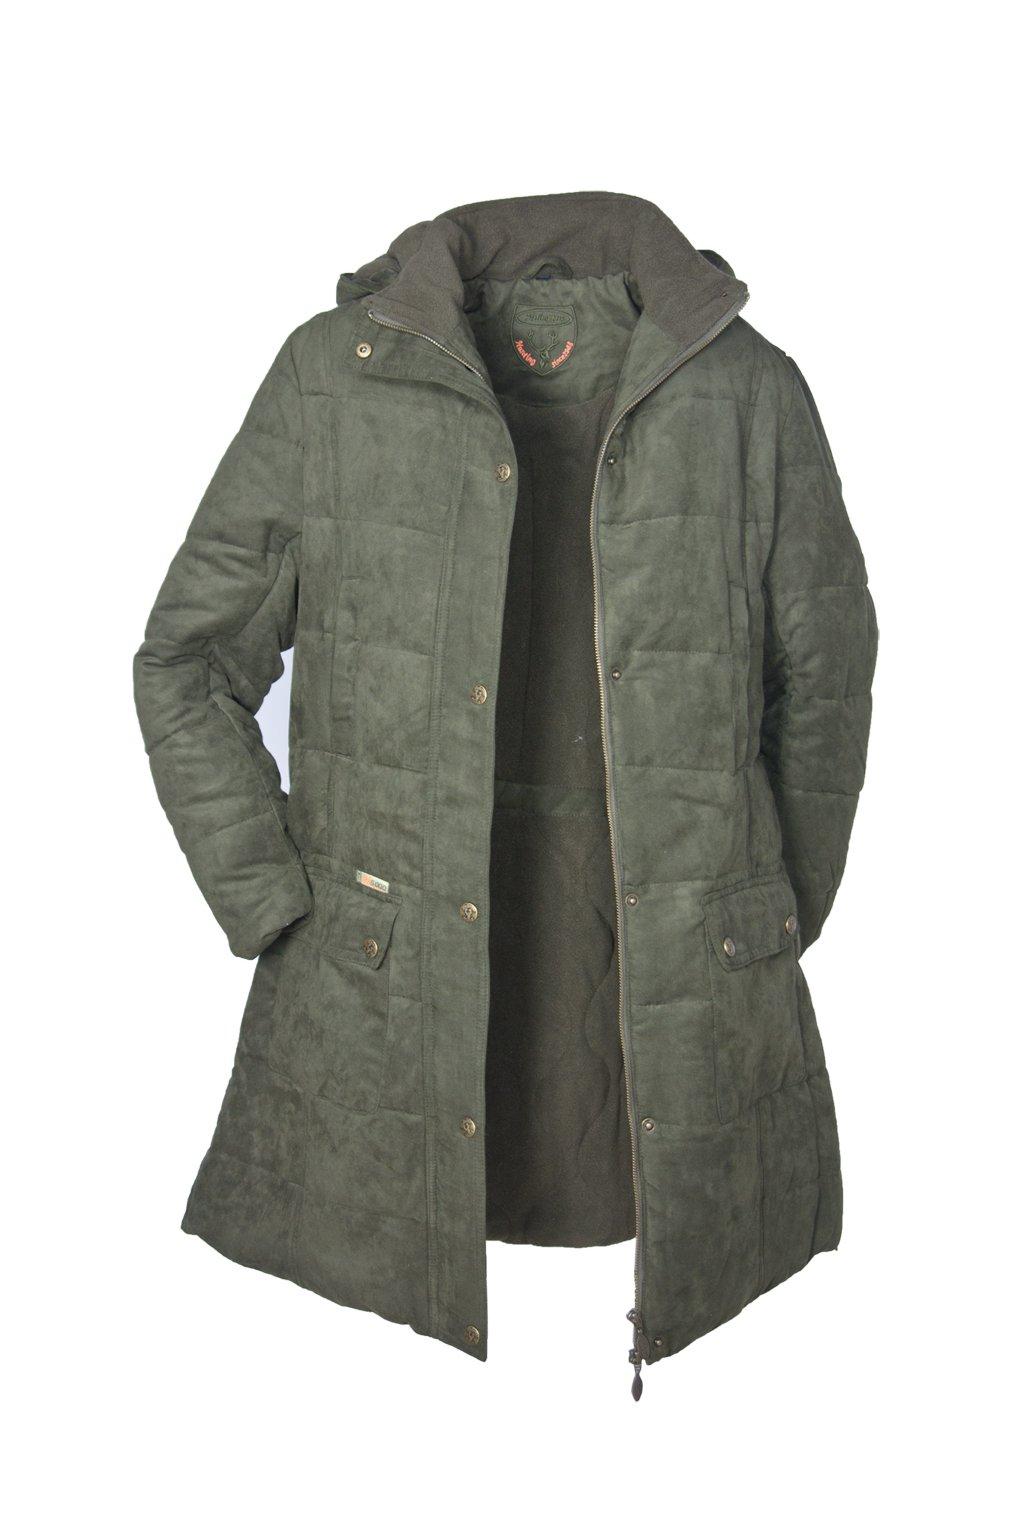 HUBERTUS - dámský lovecký kabát zimní